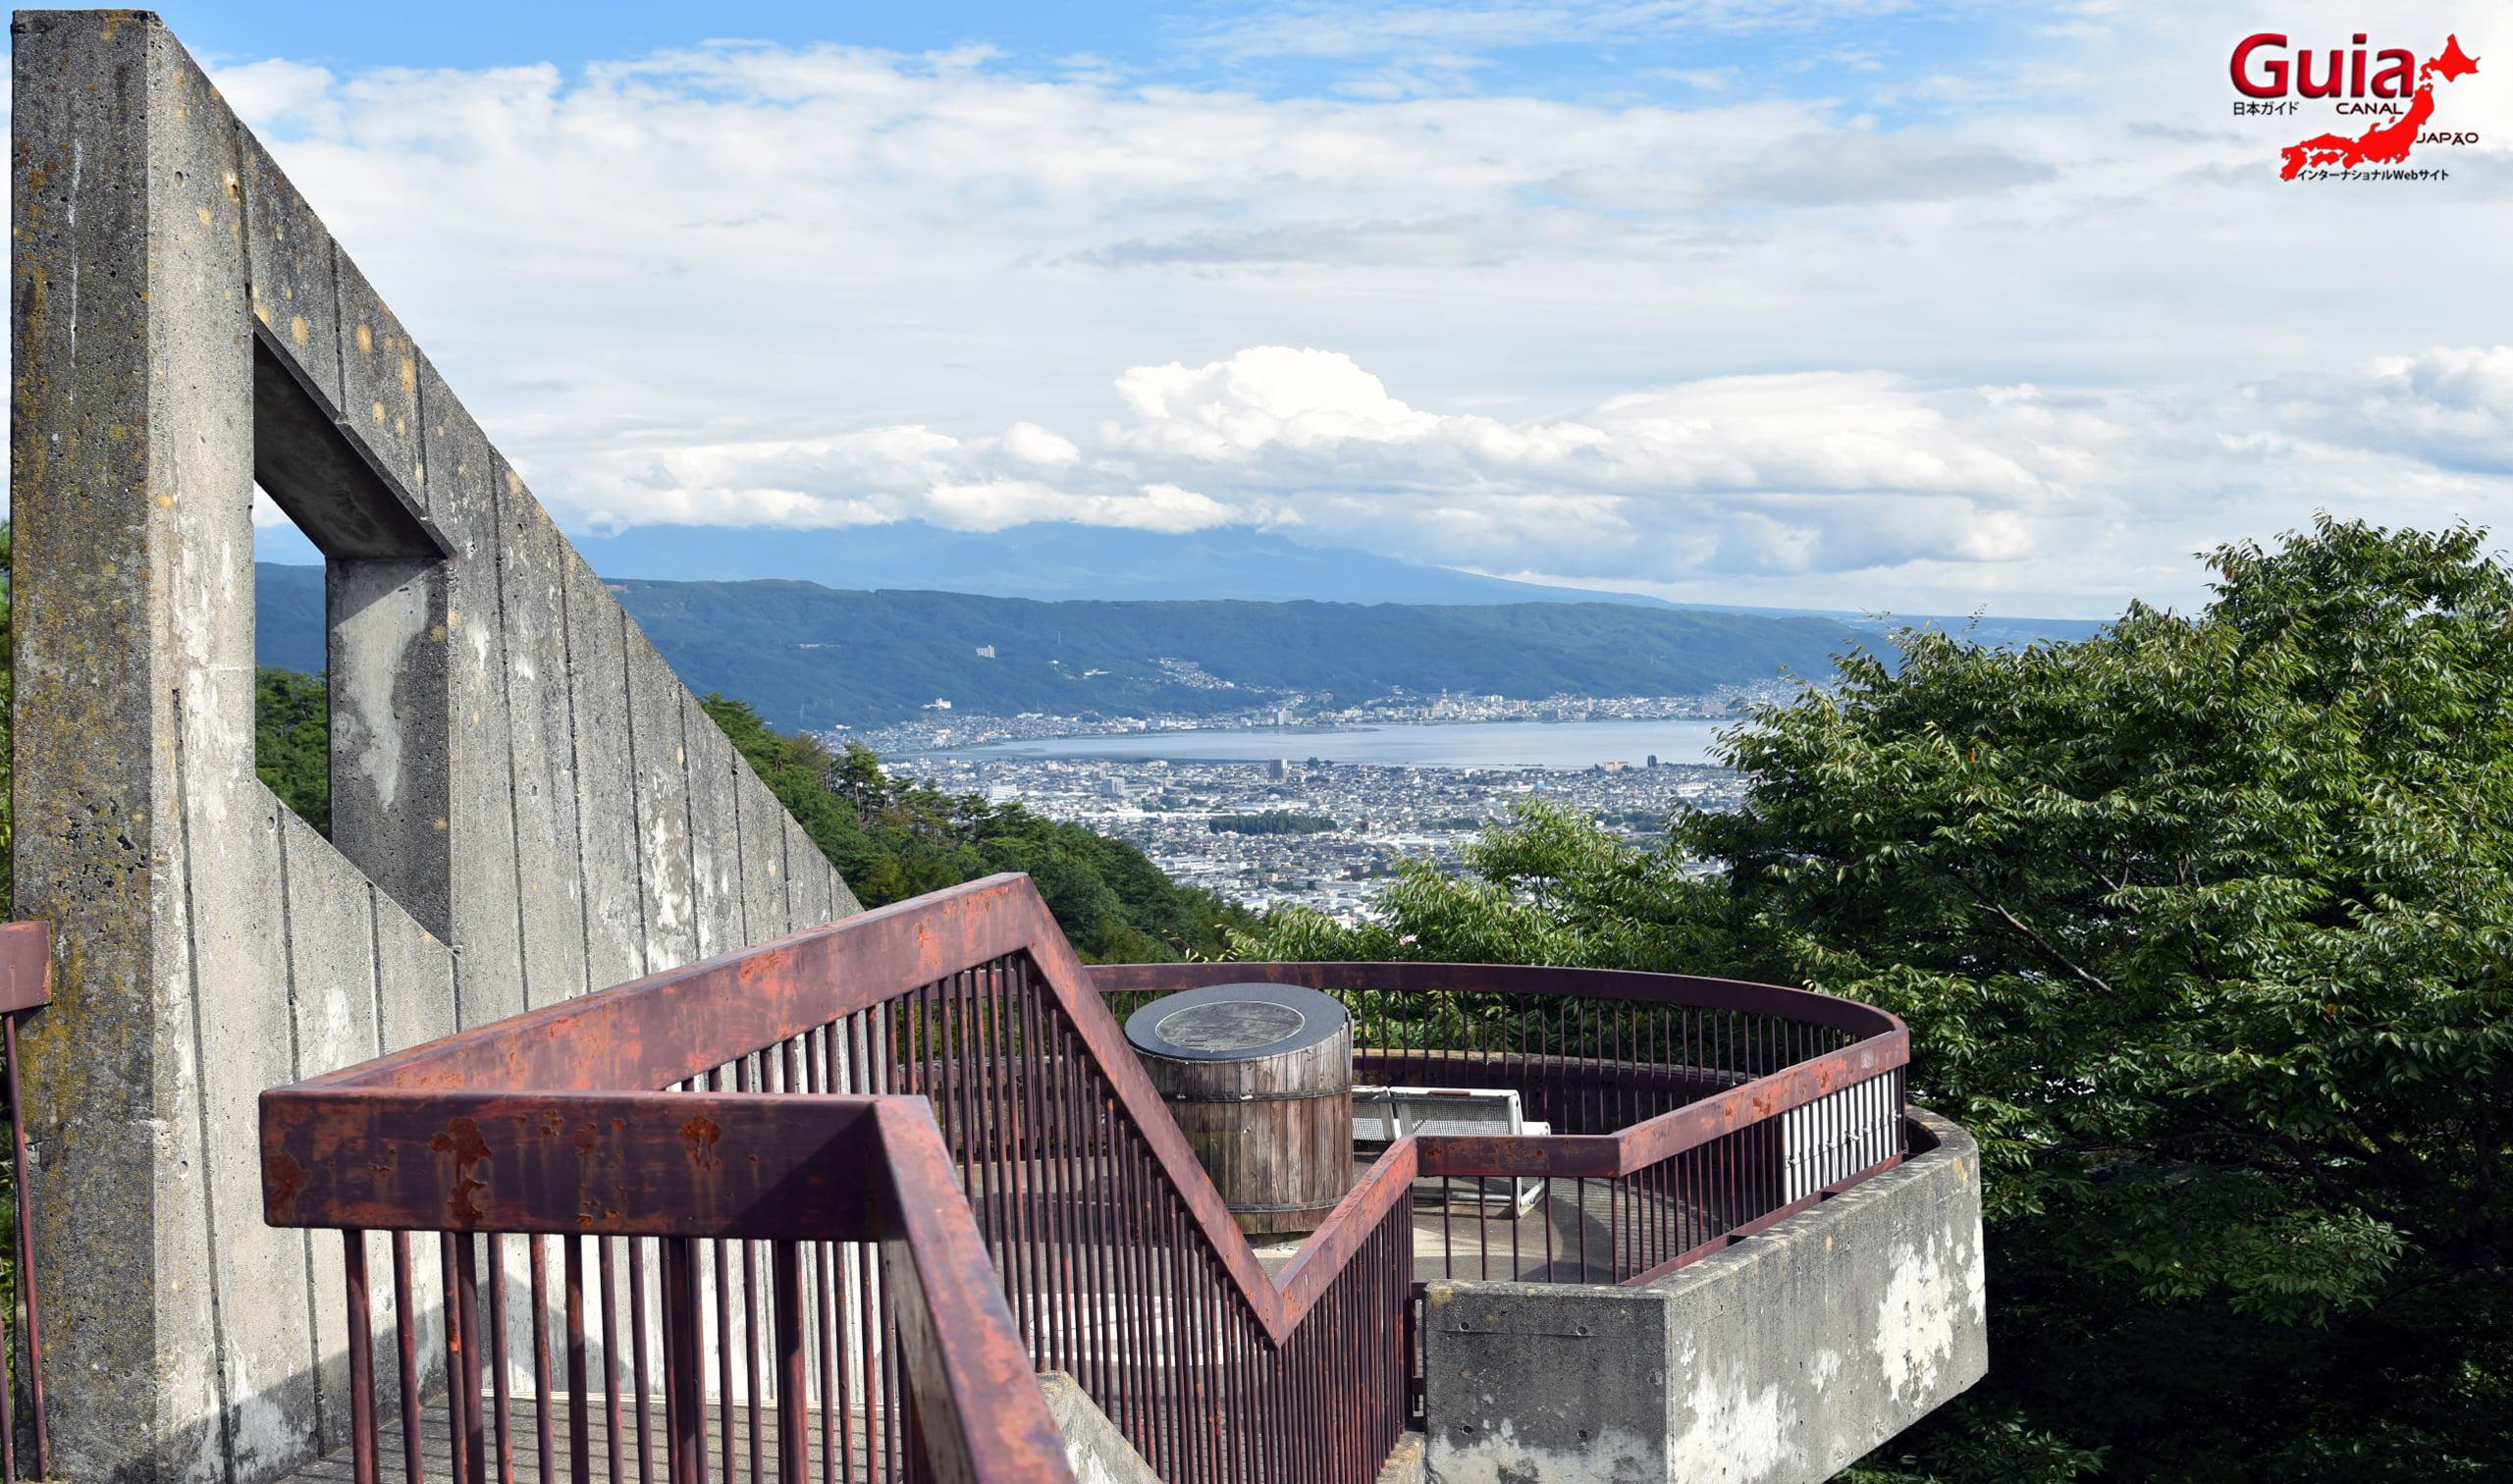 หอสังเกตการณ์ปาร์คเอนเรโอโนะดาจิ「ฟูจิมิได」 9